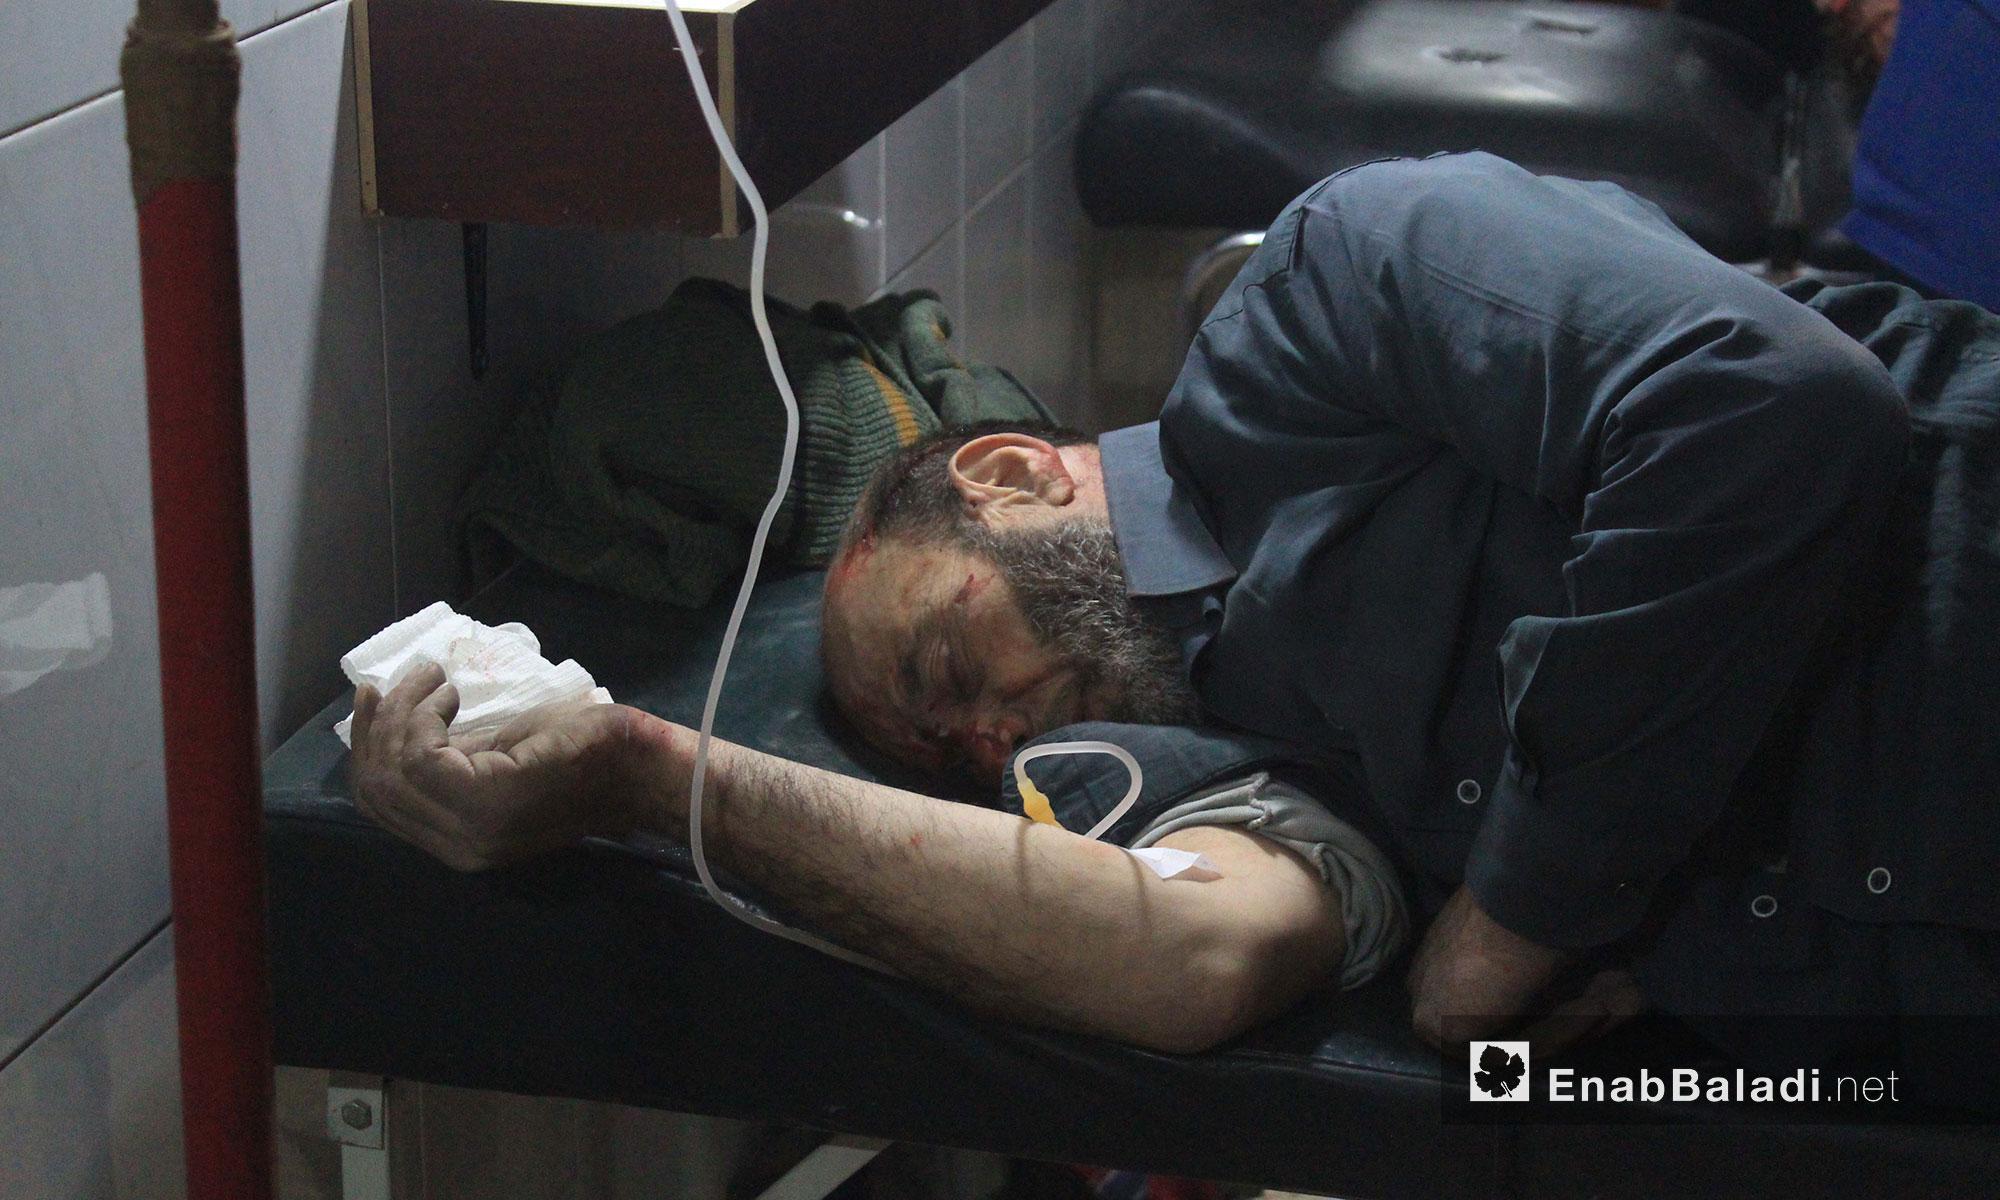 جريح في أحد مشافي الغوطة الشرقية - 21 شباط 2018 (عنب بلدي)